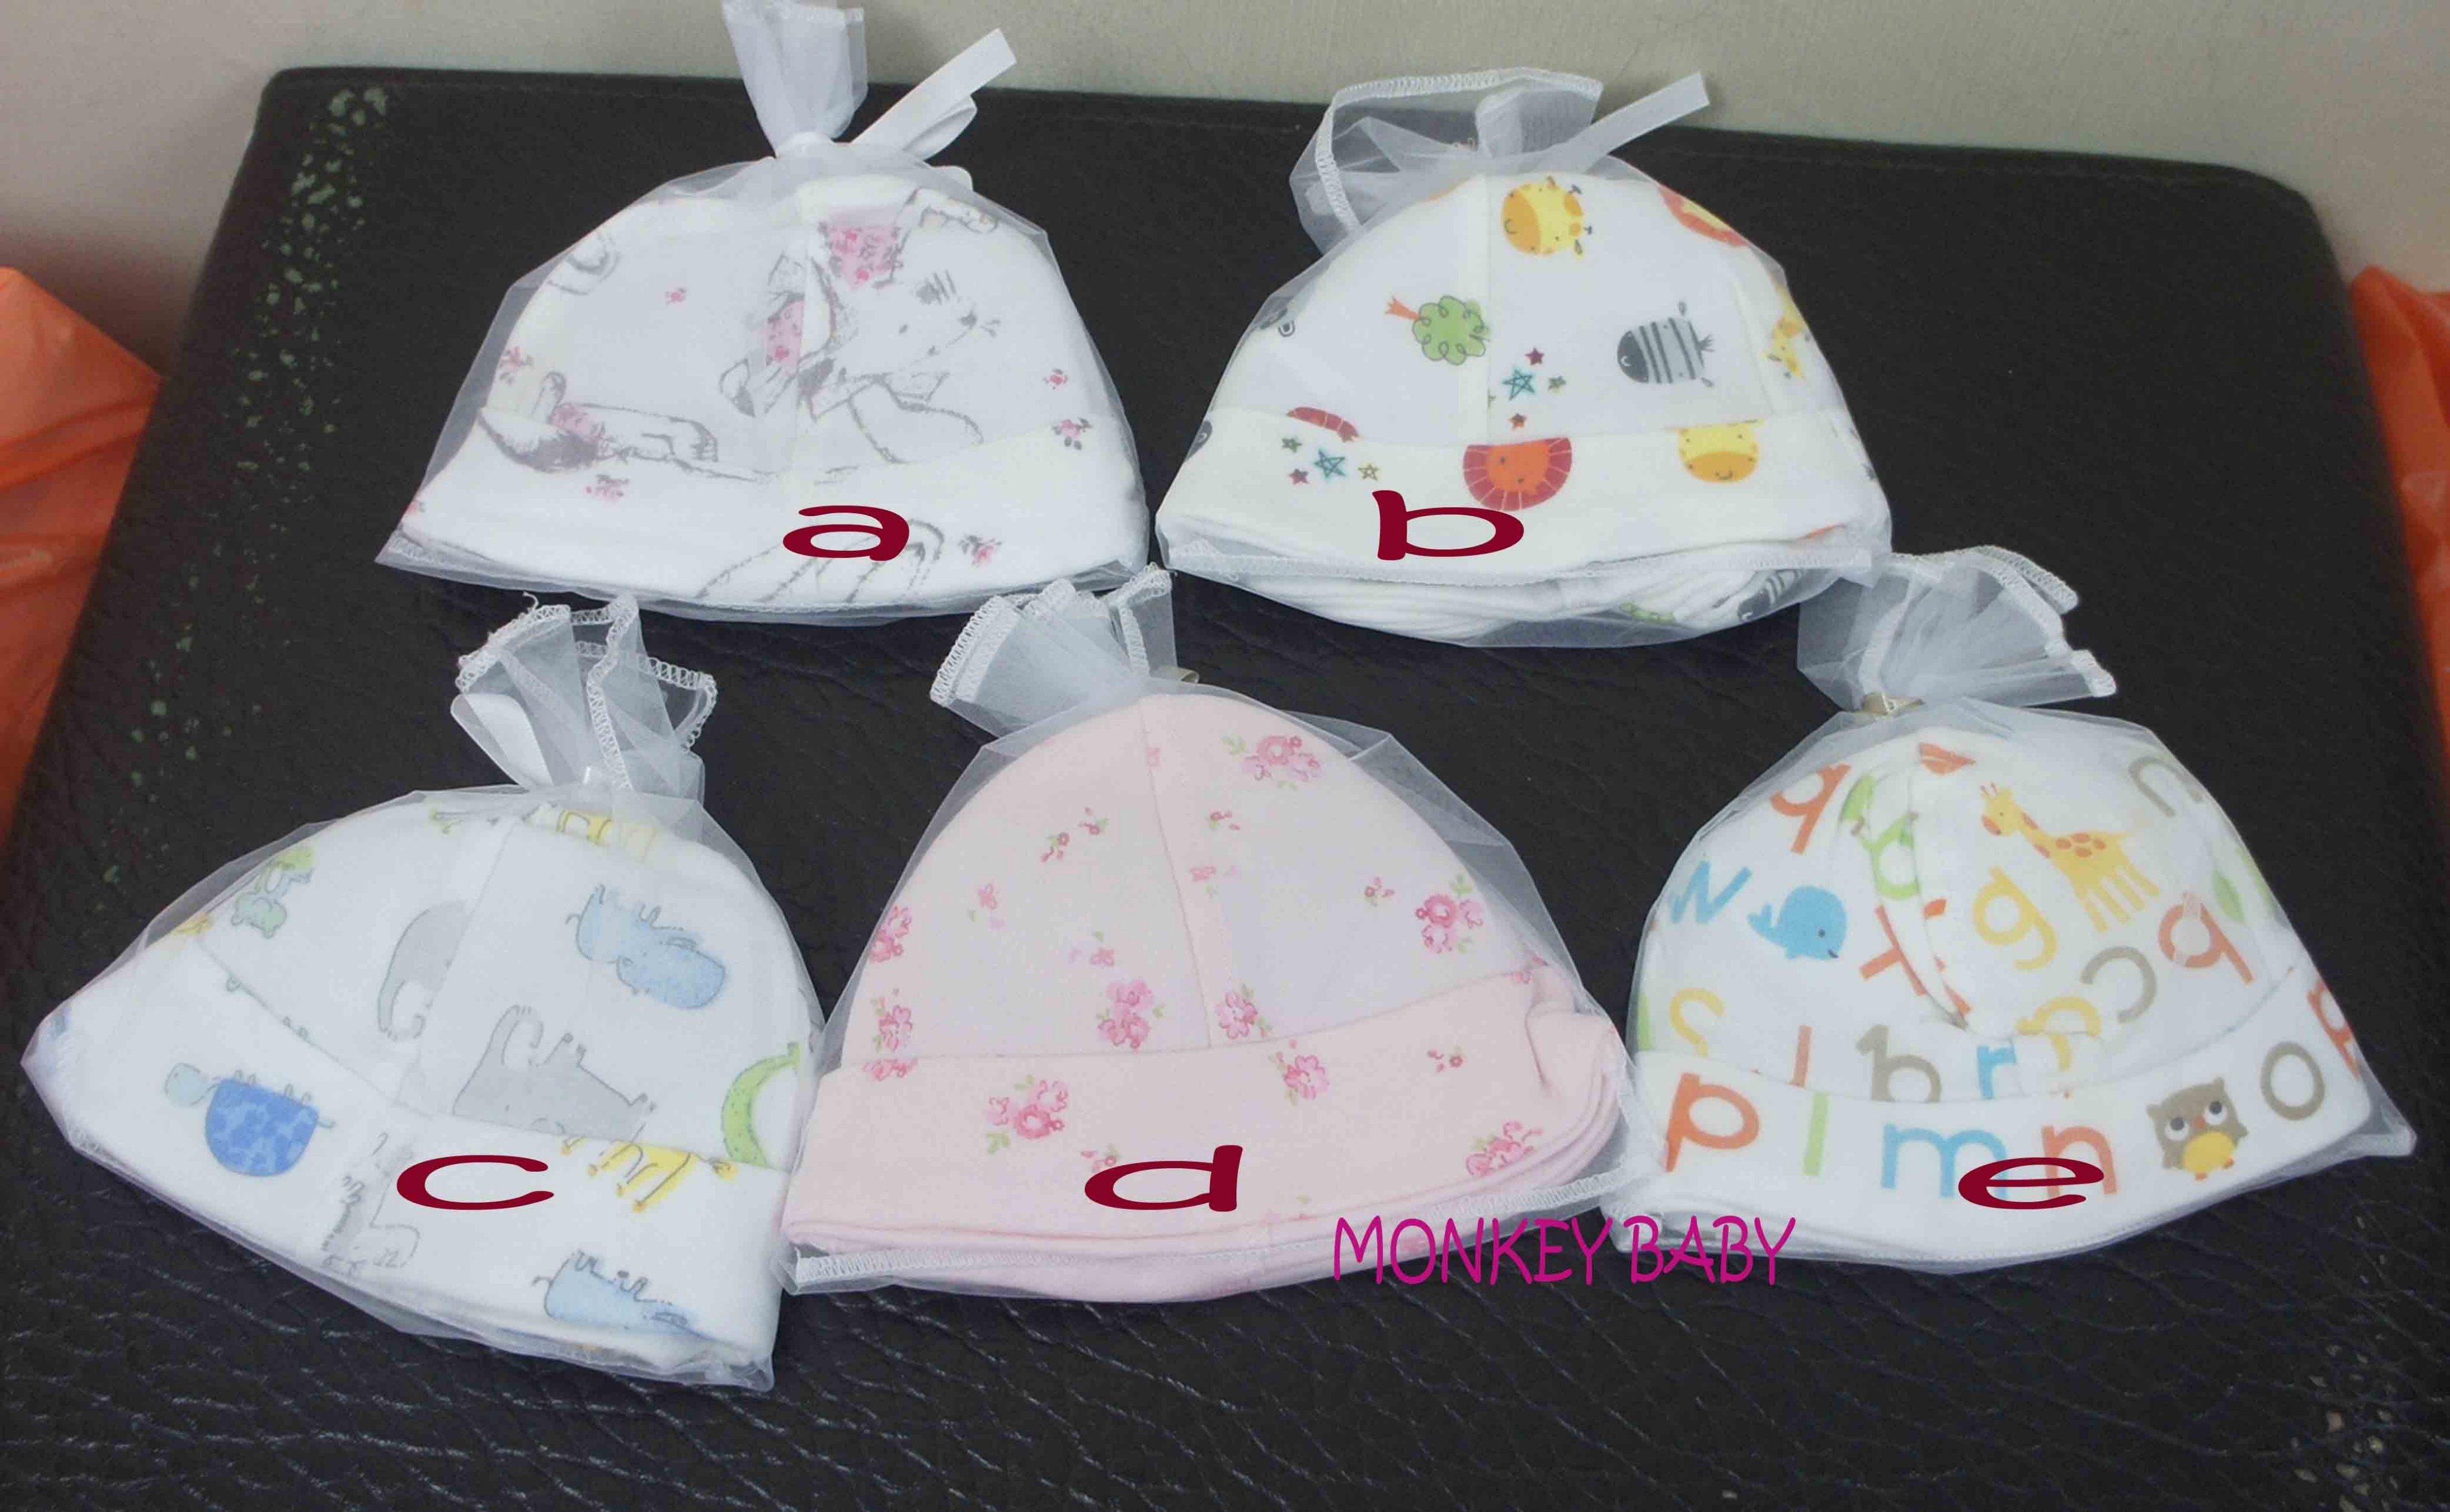 滿699免運【MONKEY BABY 】外貿純棉舒服新生兒 嬰兒帽 手套 襪套3件組多款可選